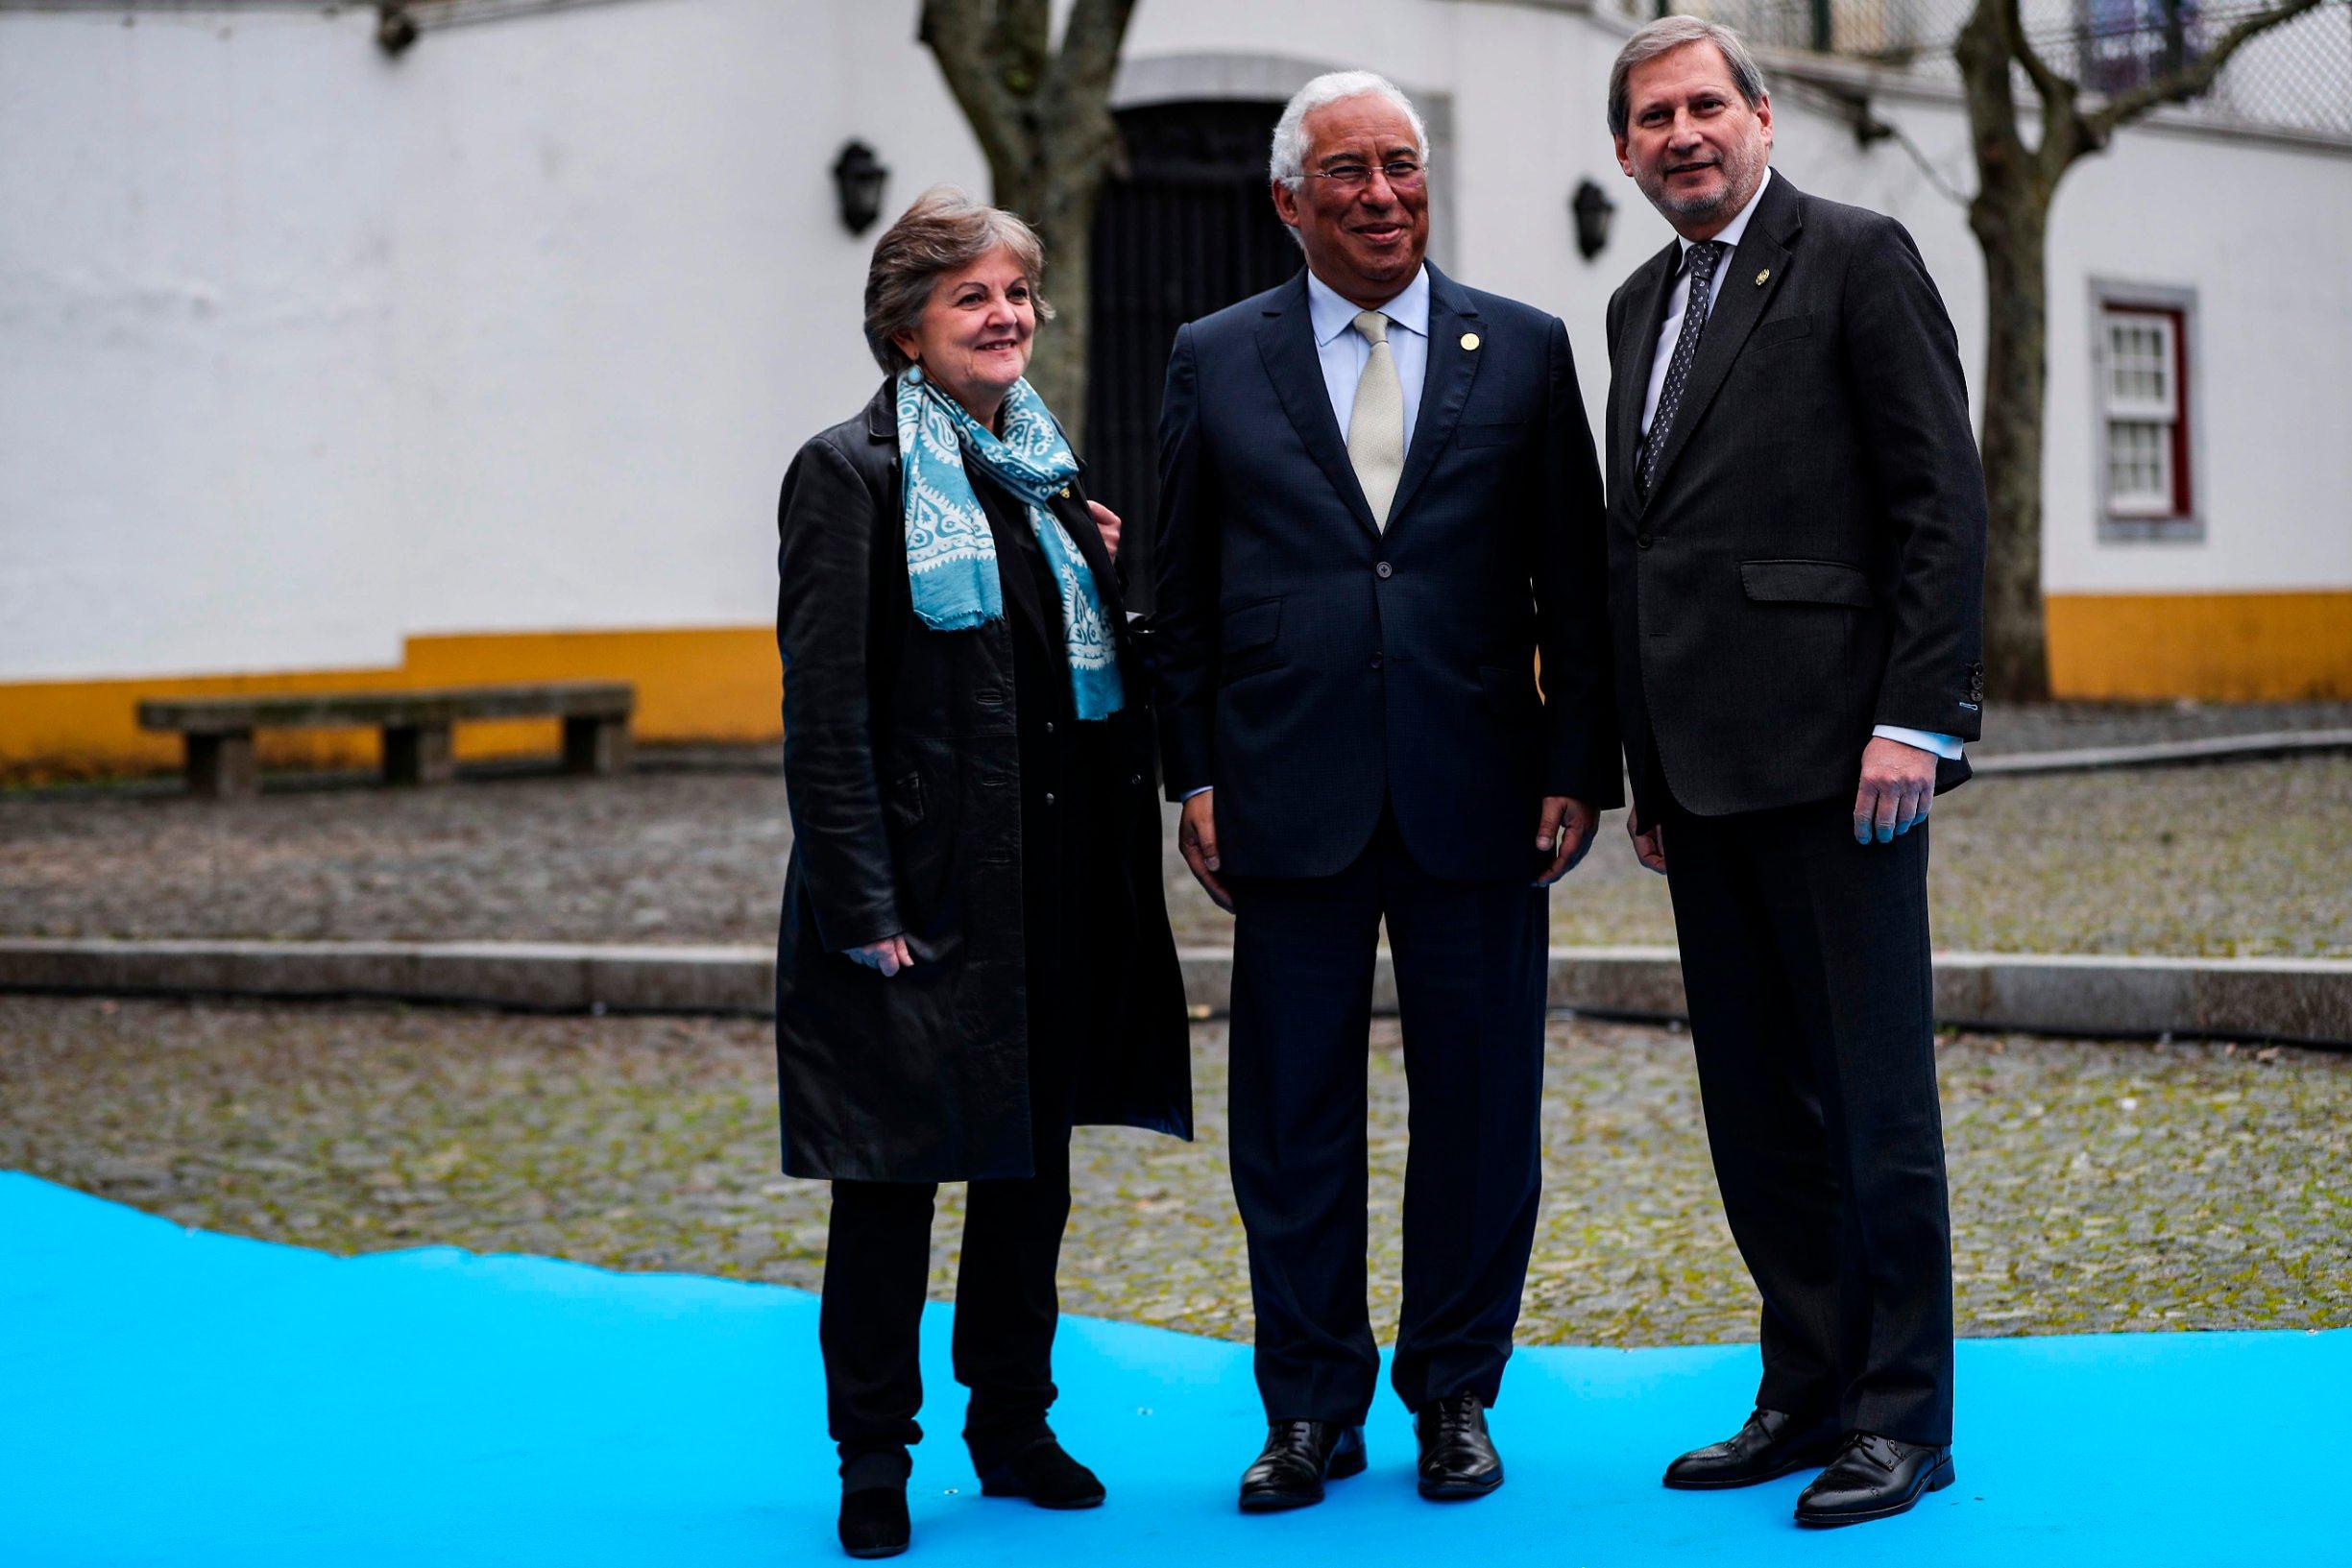 Portugalski premijer Antonio Costa (u sredini), povjerenica Europske komisije Elisa Ferreira (lijevo) te povjerenik Komisije za proračun i administraciju Johannes Hahn